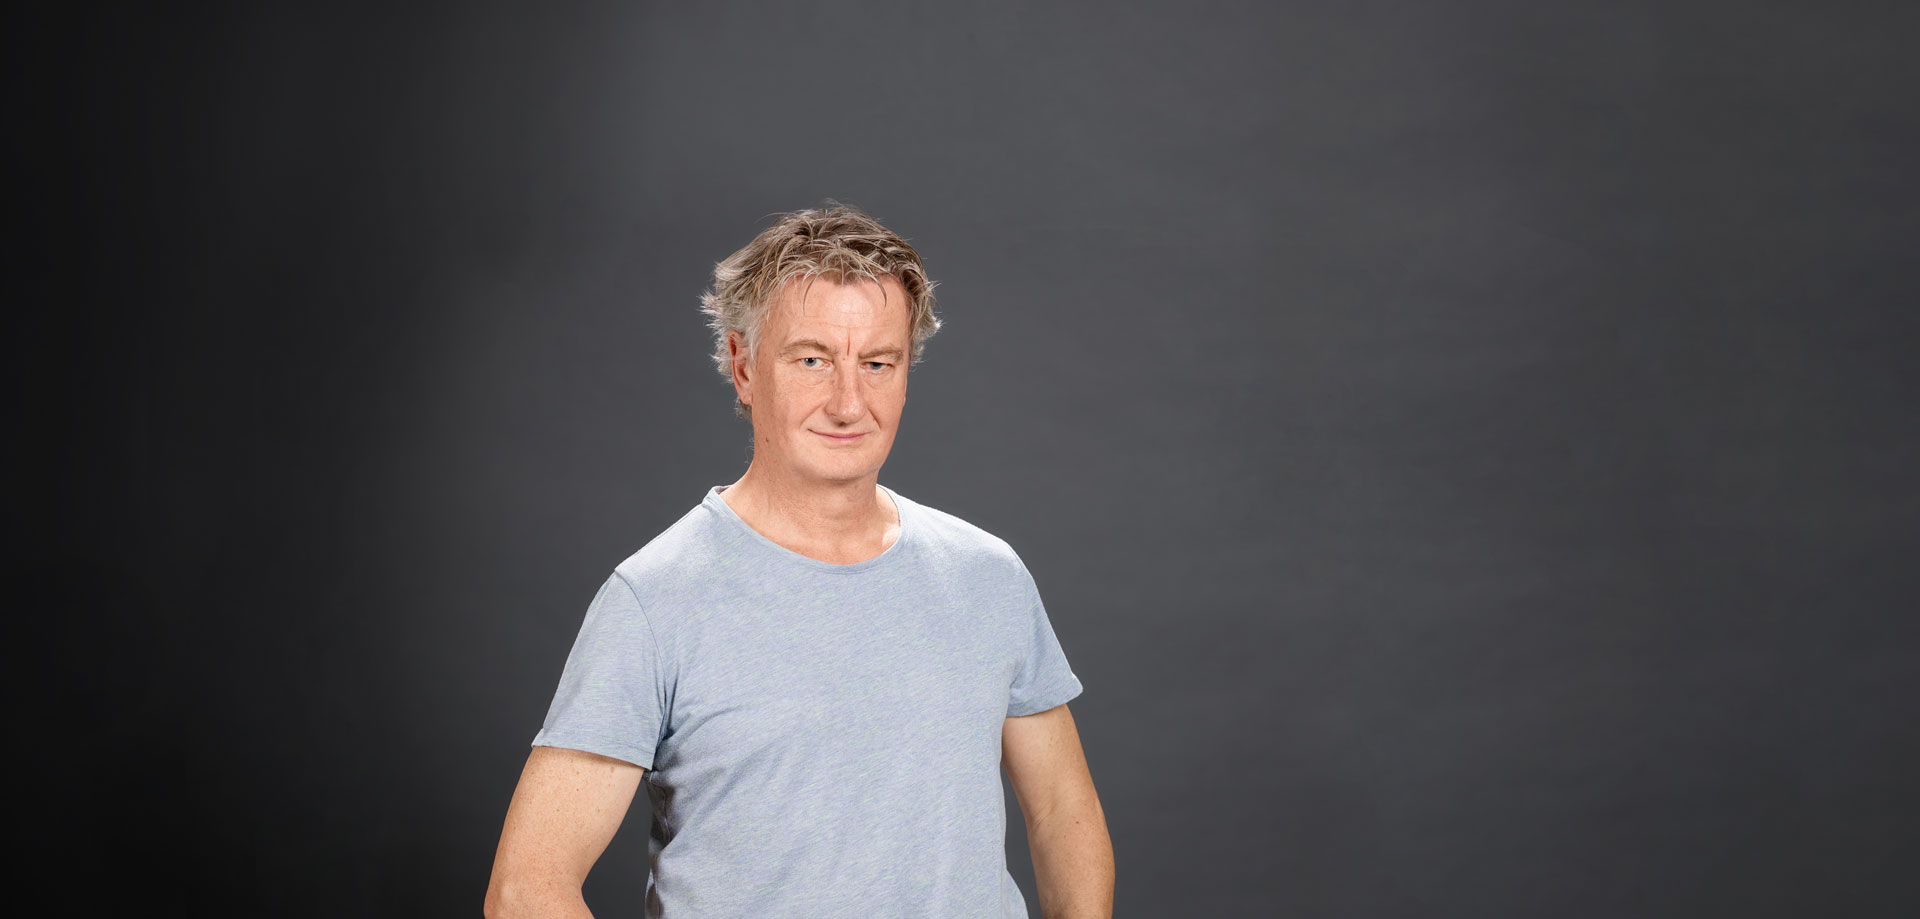 Autor Jaromir Konecny Doktorspiele